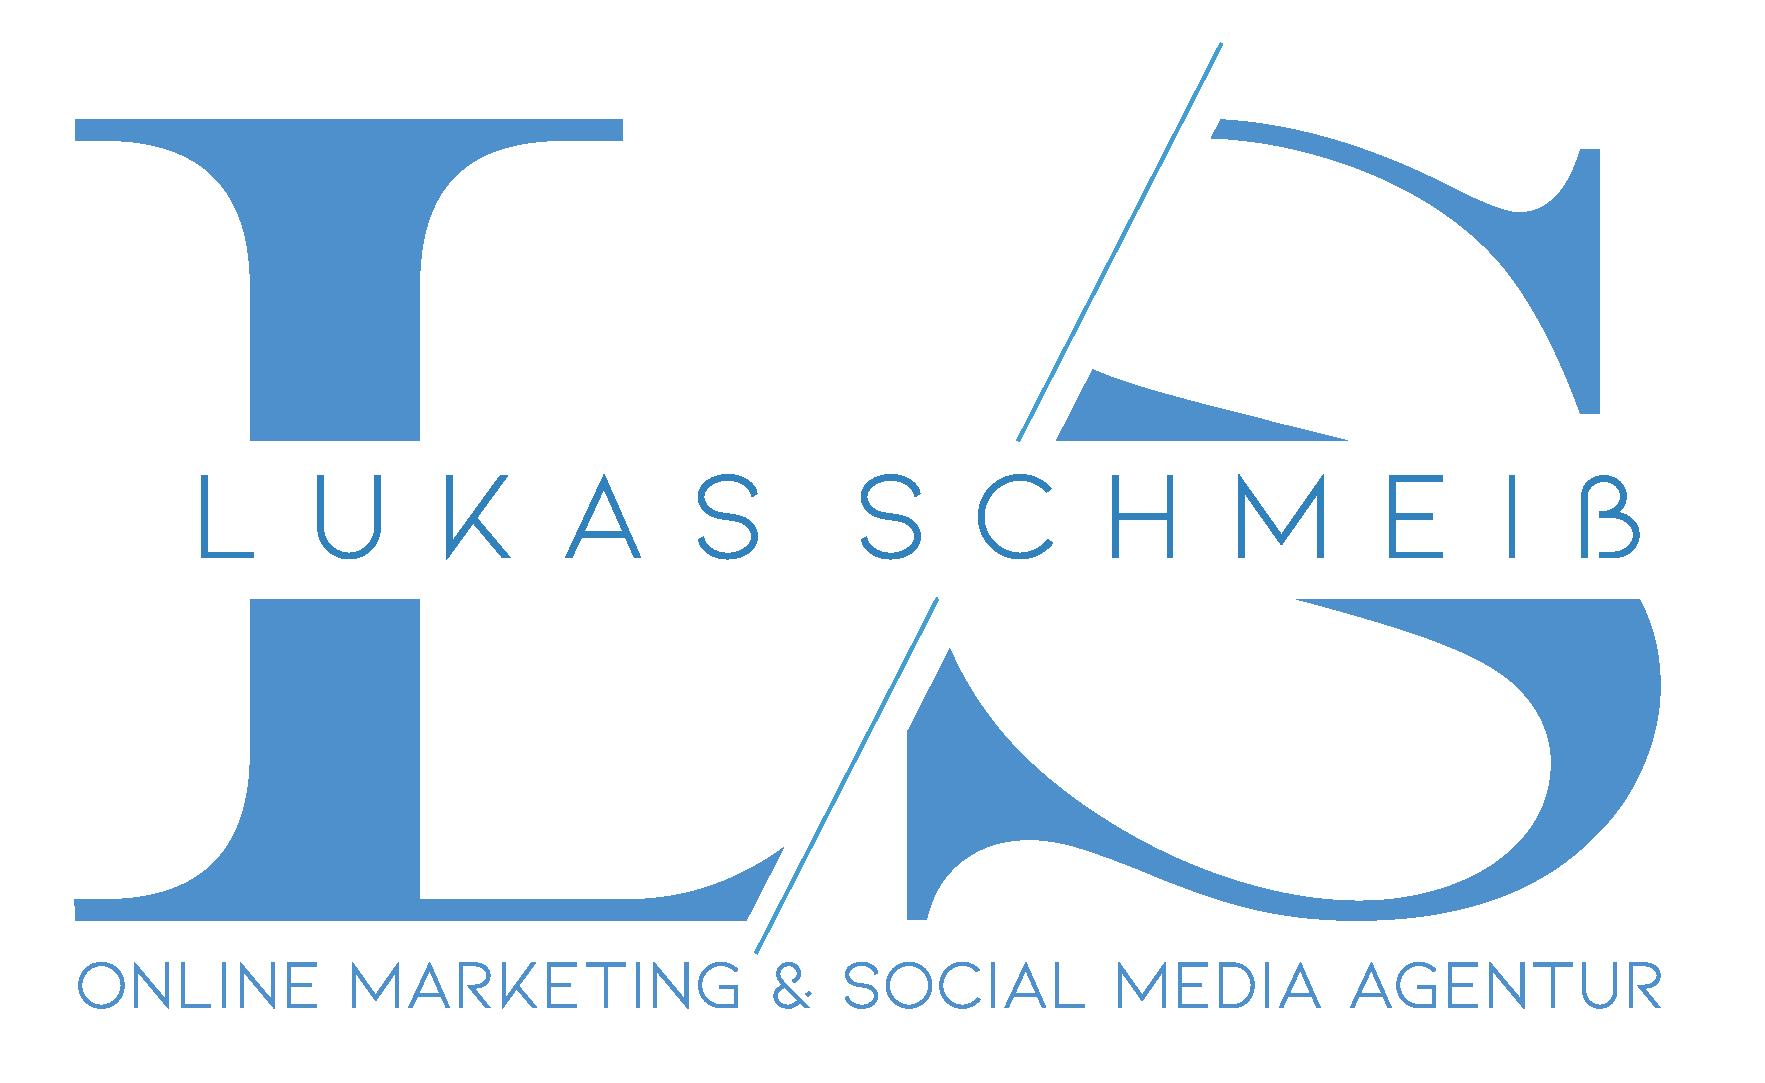 Lukas Schmeiss Business_Zeichenfläche 1